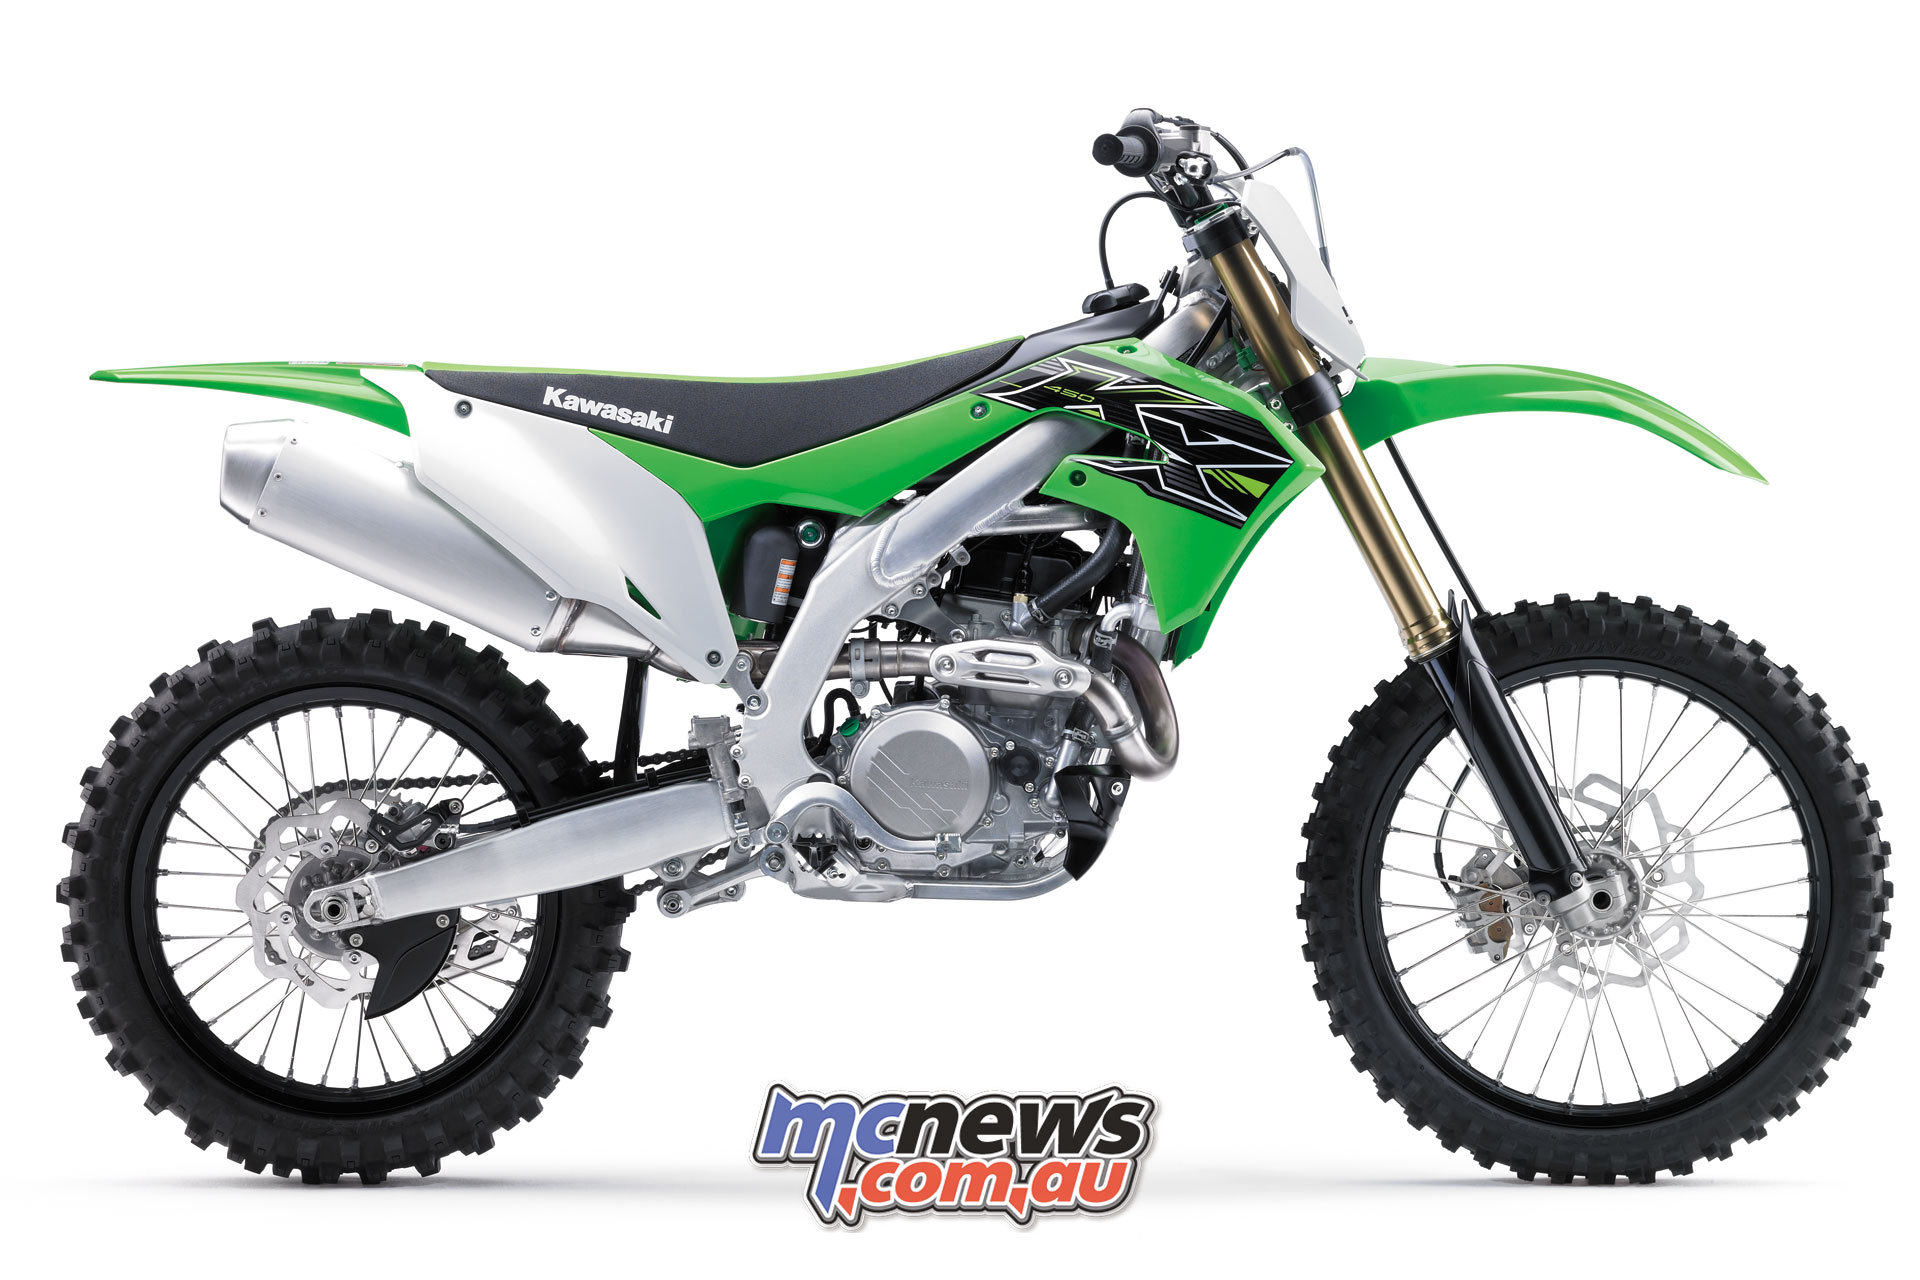 Kawasaki Kxf Review